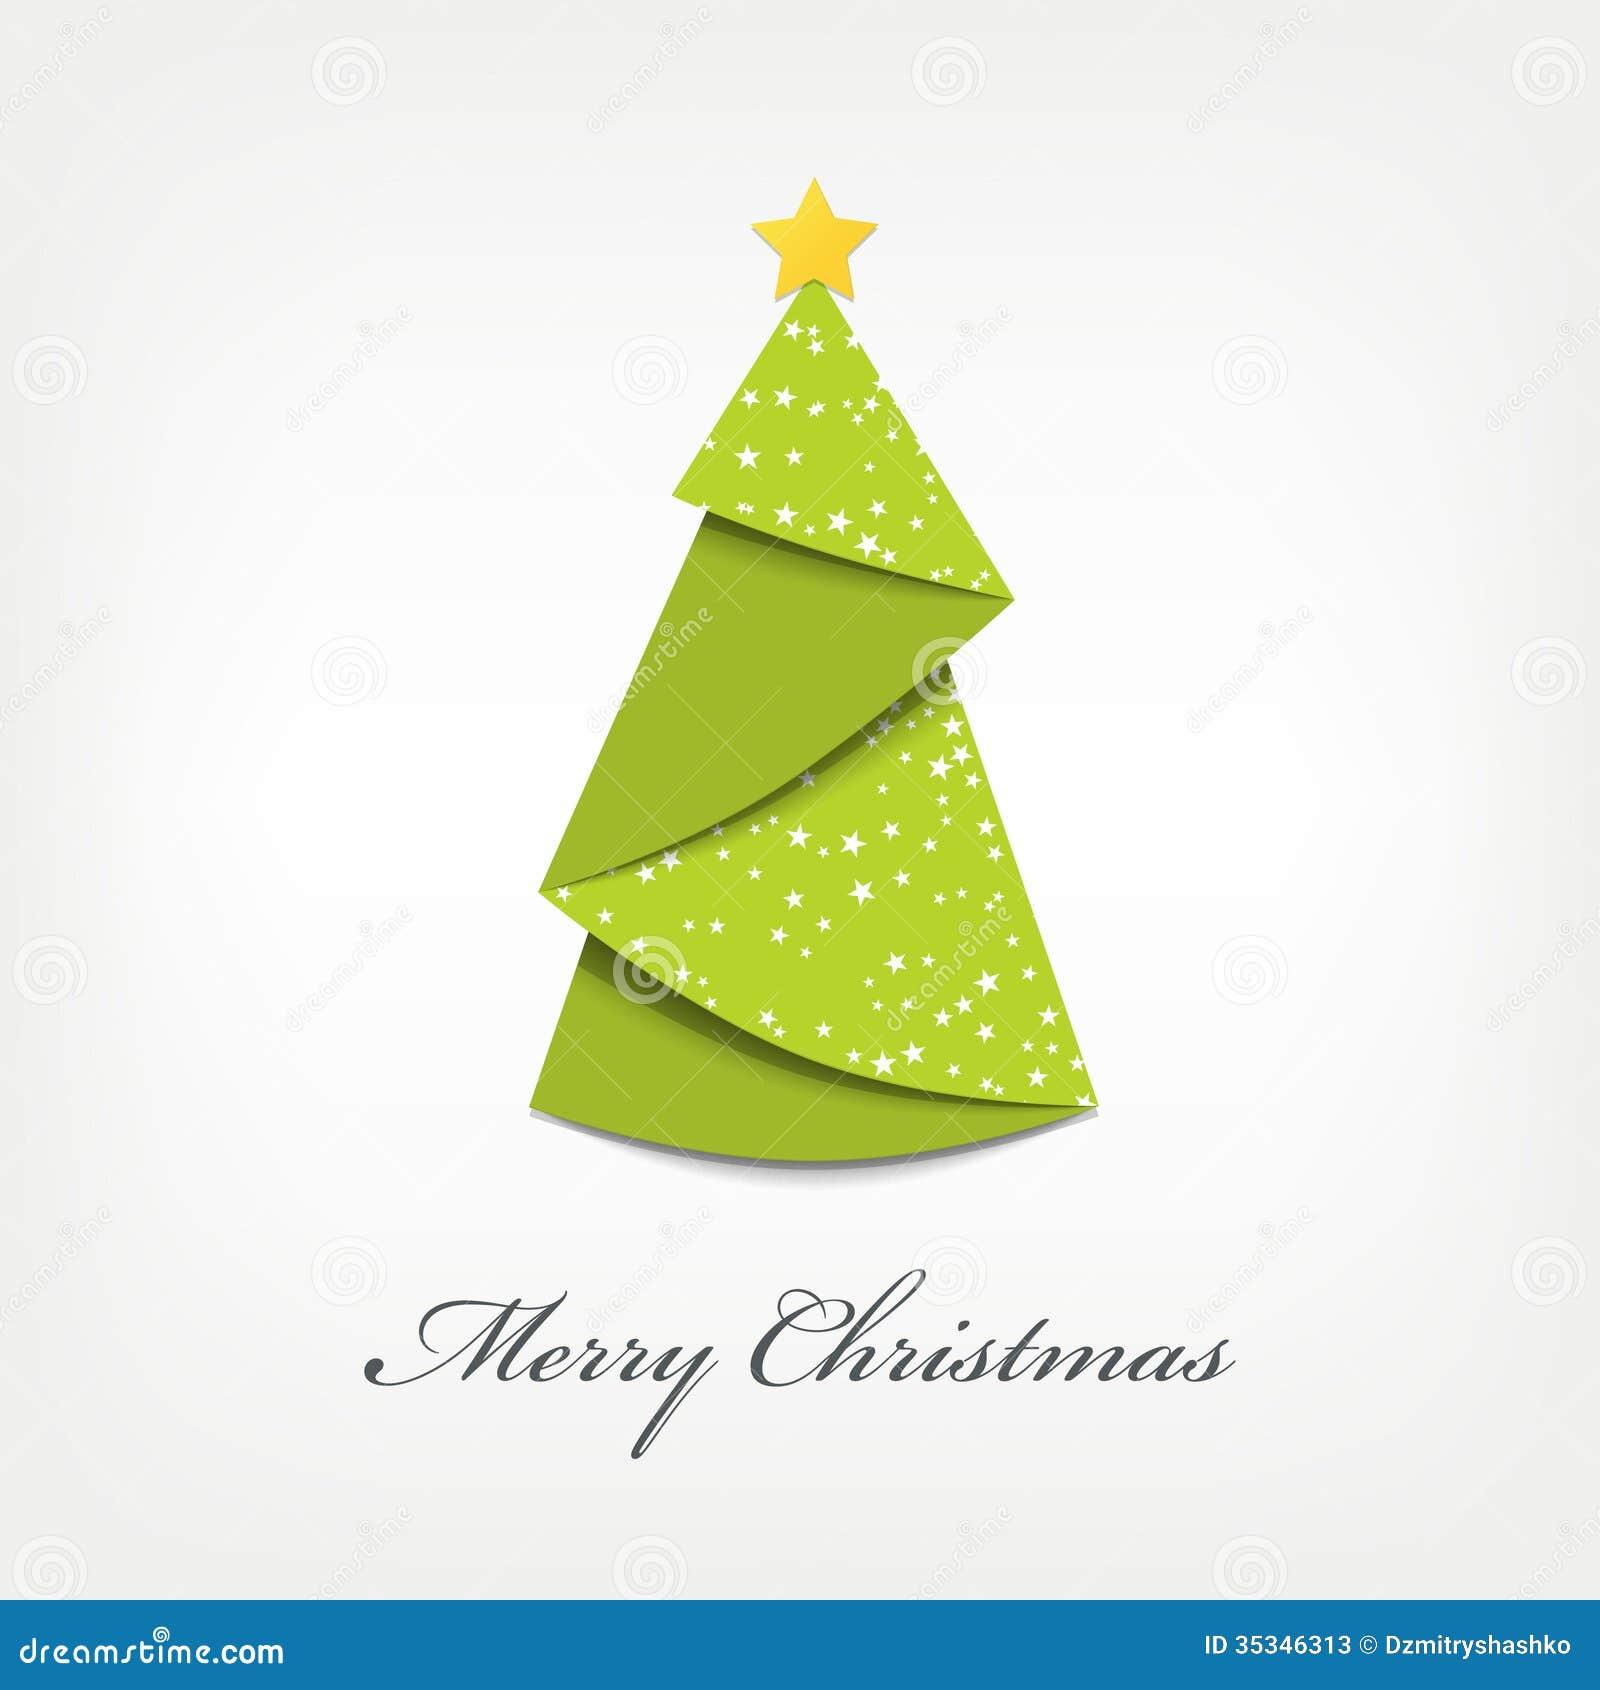 Papiroflexia del rbol de navidad ilustraci n del vector - Arbol de navidad de origami ...